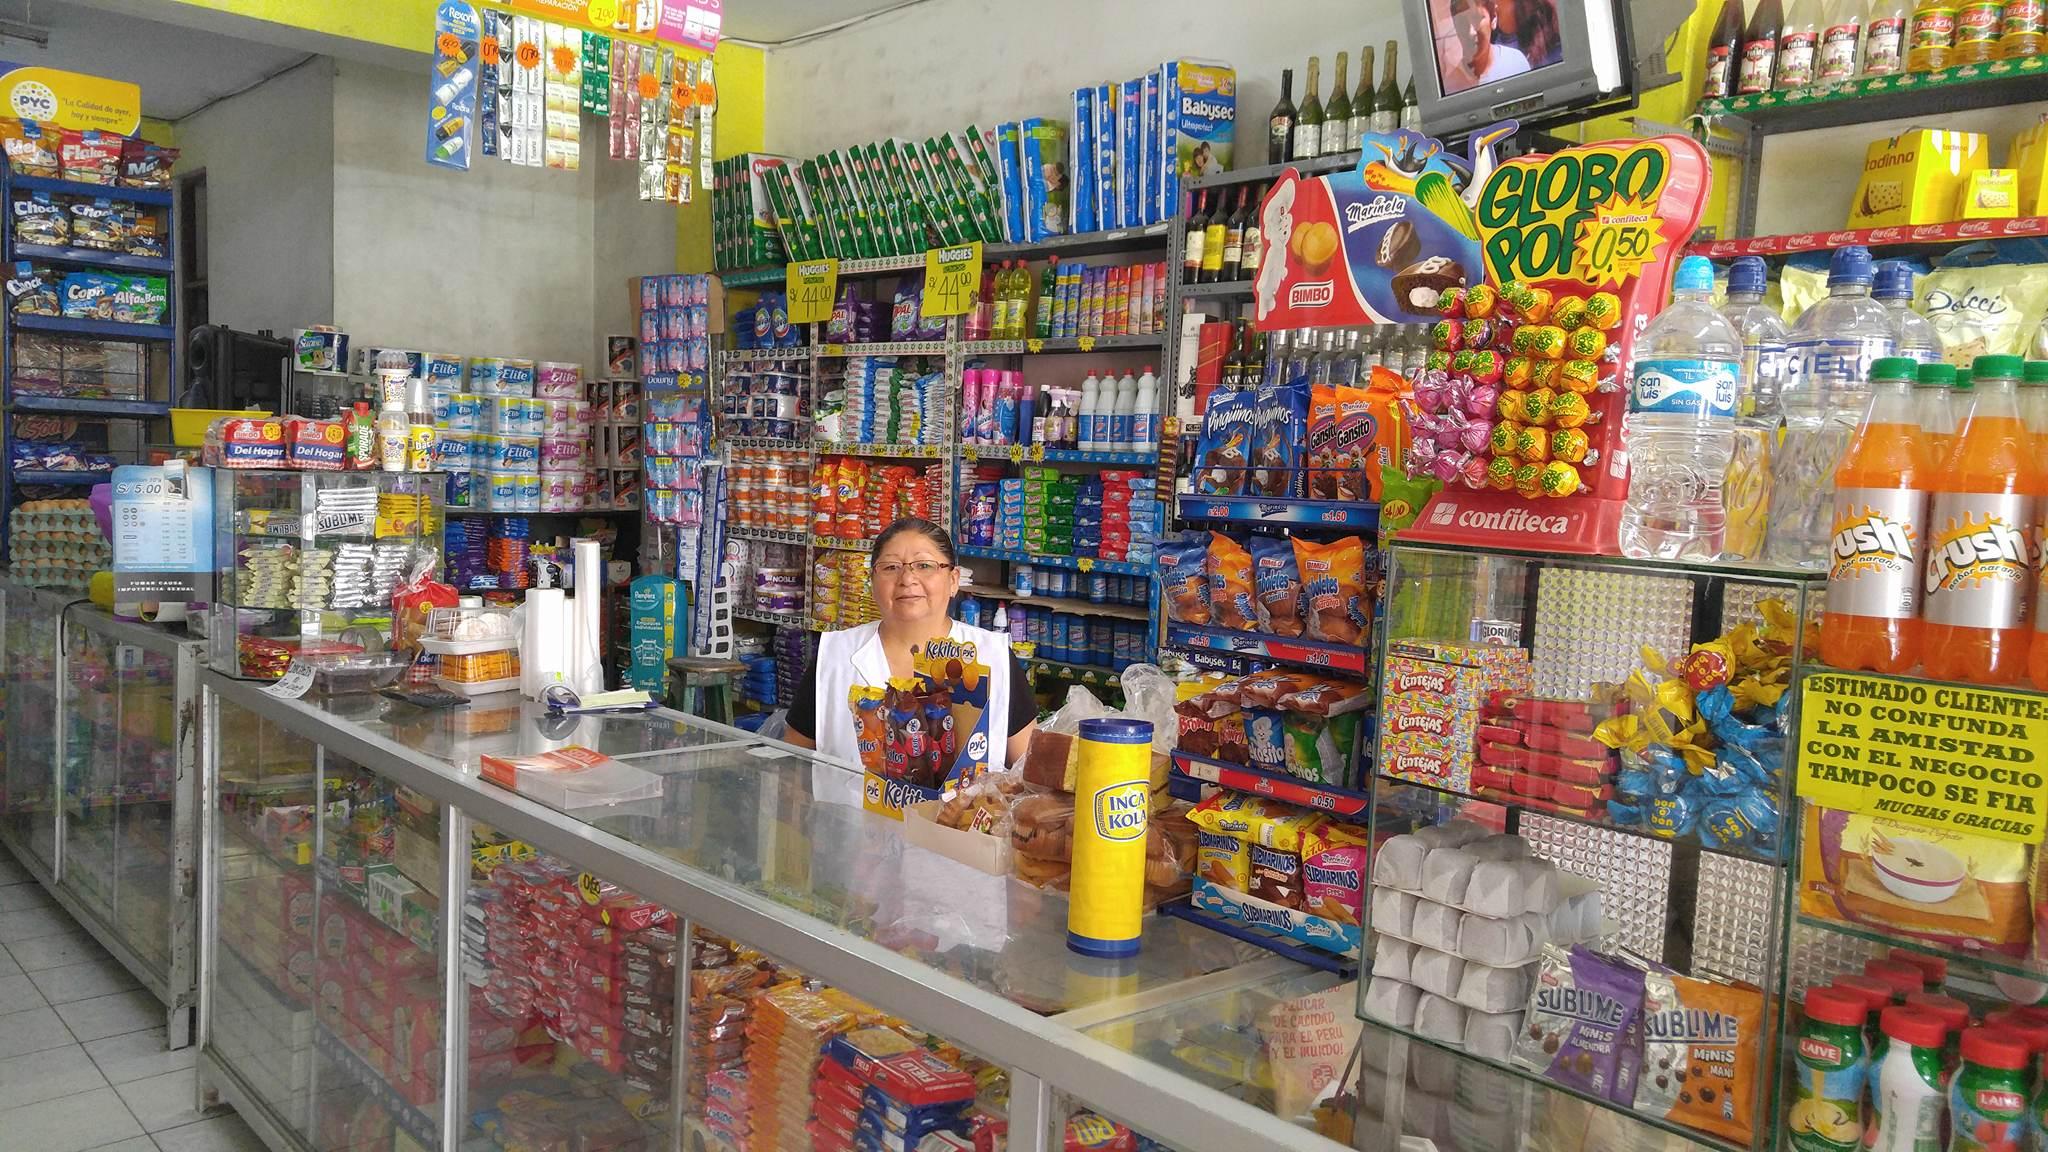 bodega lima 1 - Ley del Bodeguero elevará competitividad de Mypes en sector minorista